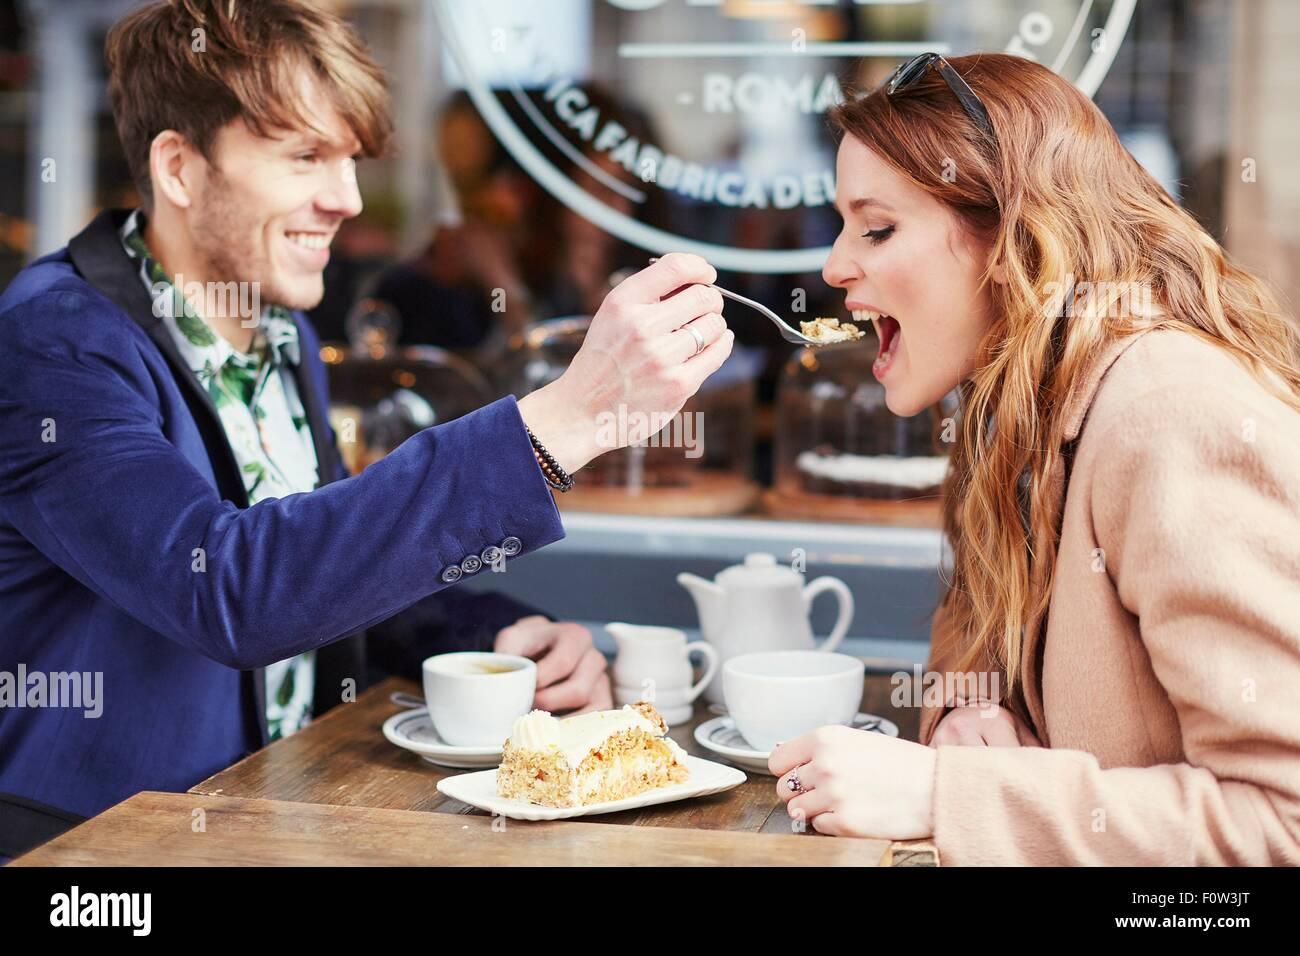 Uomo torta di alimentazione alla ragazza al cafè sul marciapiede, London, Regno Unito Immagini Stock